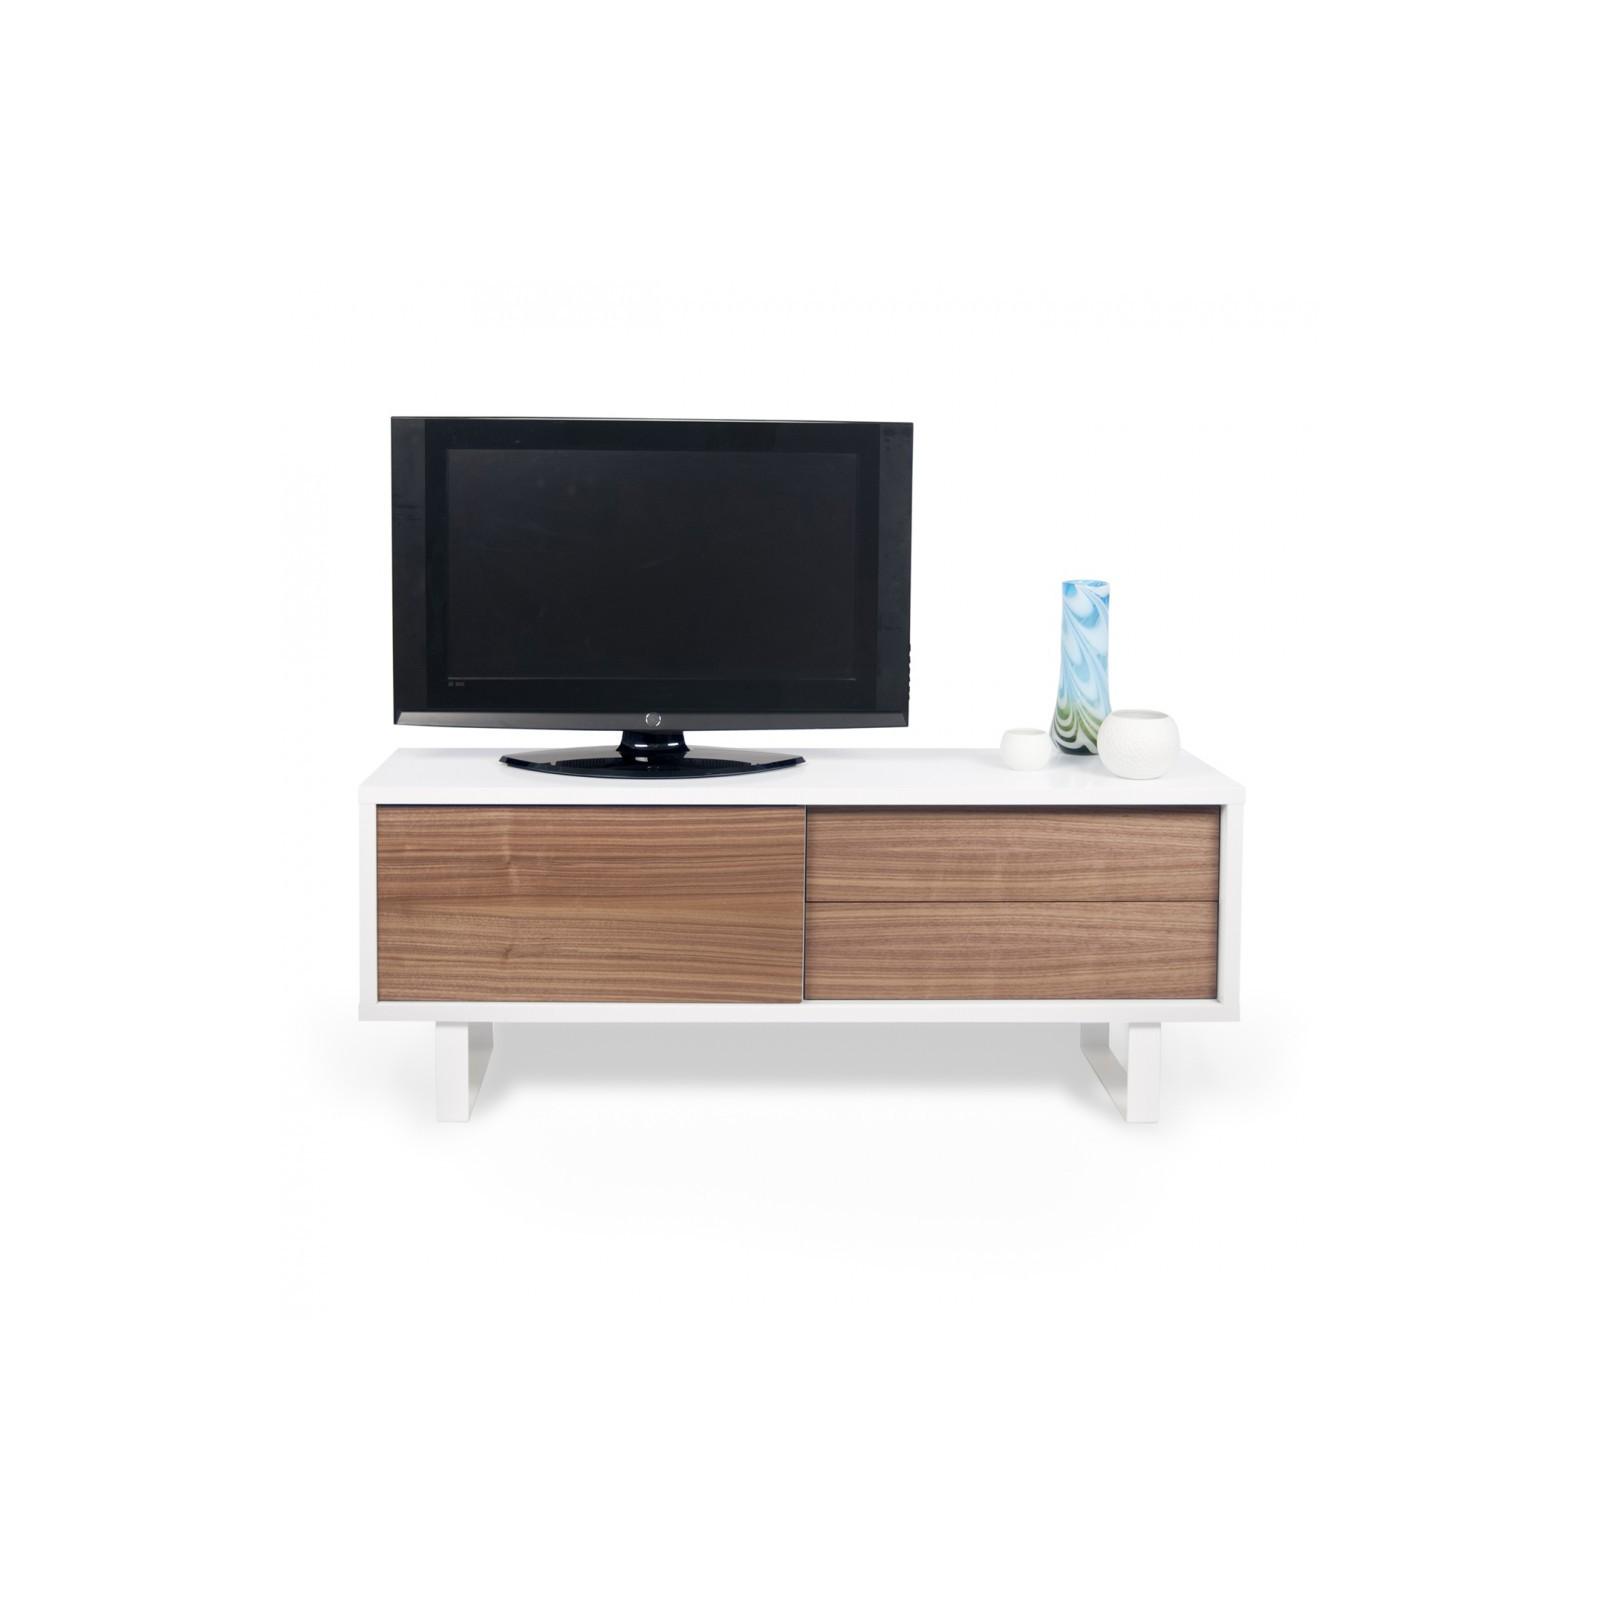 Meuble Tv Havane Arne Concept # Meuble Tv Noyer Et Blanc